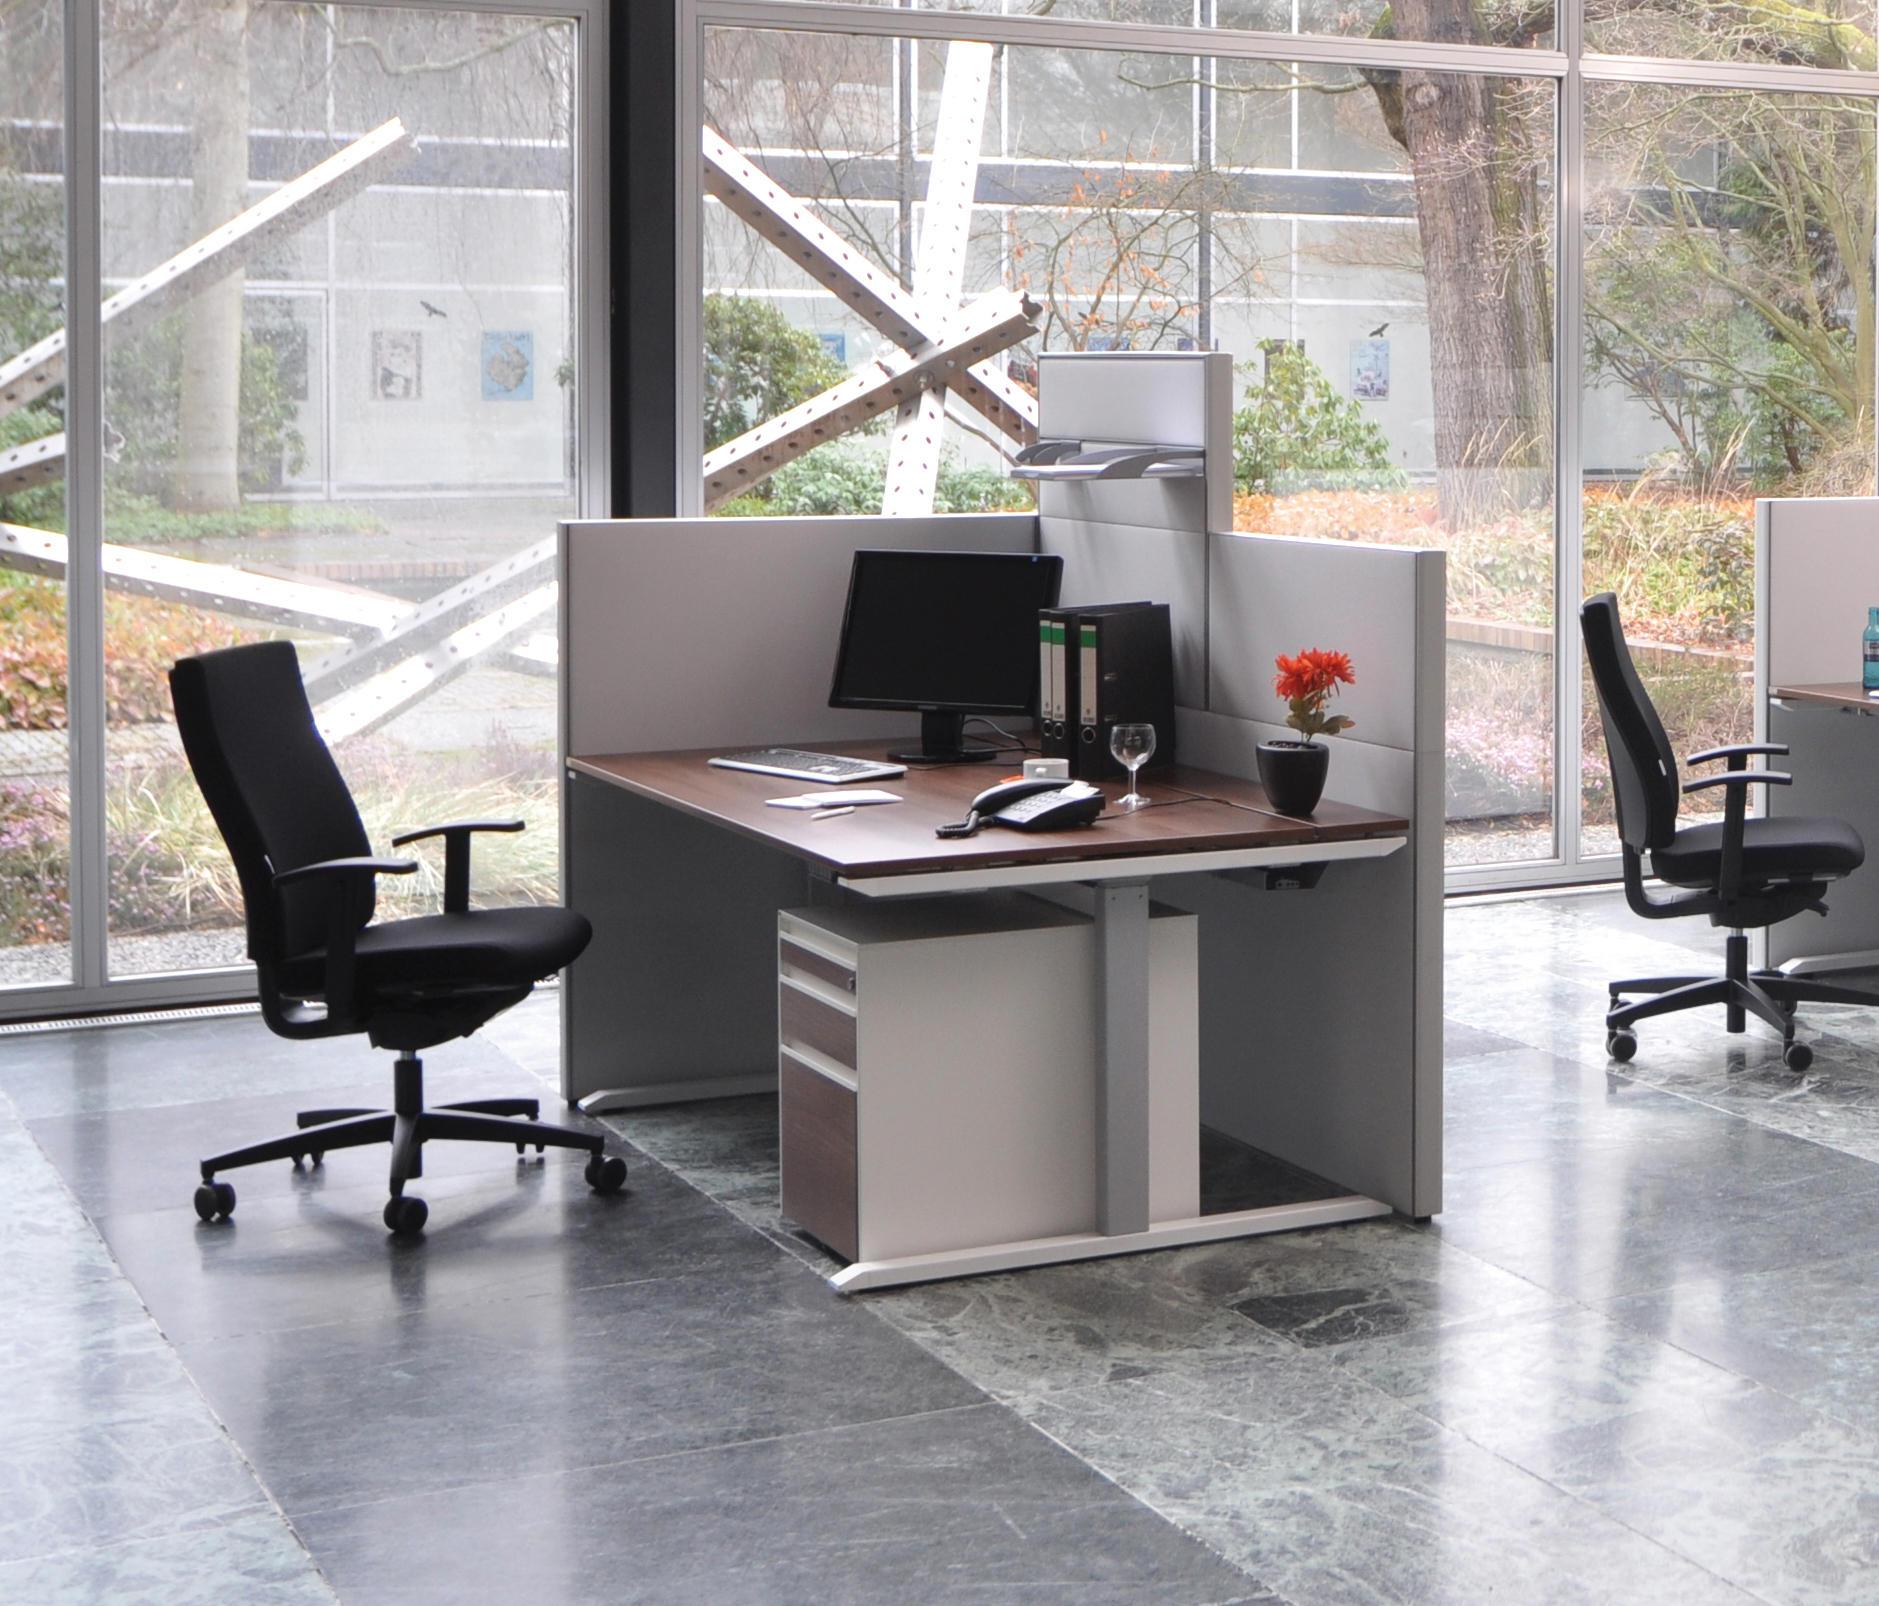 modul bàn vách ngăn văn phòng hiện đại